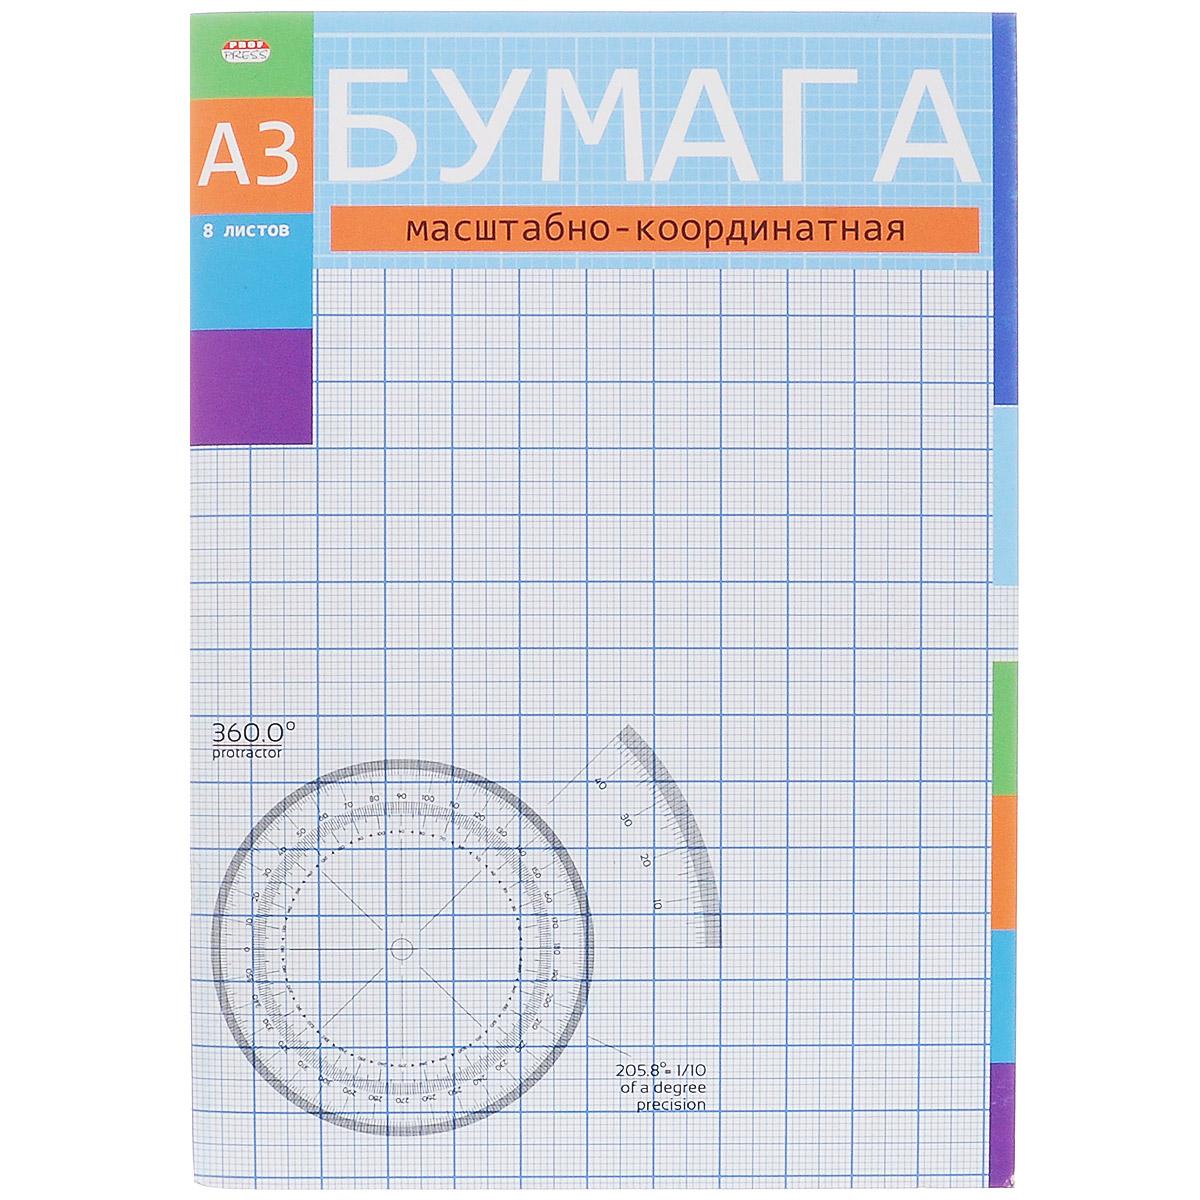 Бумага масштабно-координатная Проф-Пресс, цвет: голубой, 8 листов, формат А308-3152Бумага масштабно-координатная Проф-Пресс предназначена для выполнения различного рода чертежно-графических работ, создания различных схем и графиков.Листы оформлены белыми полями. Способ крепления: скрепки.Подойдет как для учащихся школы, так и для высших учебных заведений архитектурного, строительного и других профилей.Рекомендуемый возраст: 6+.